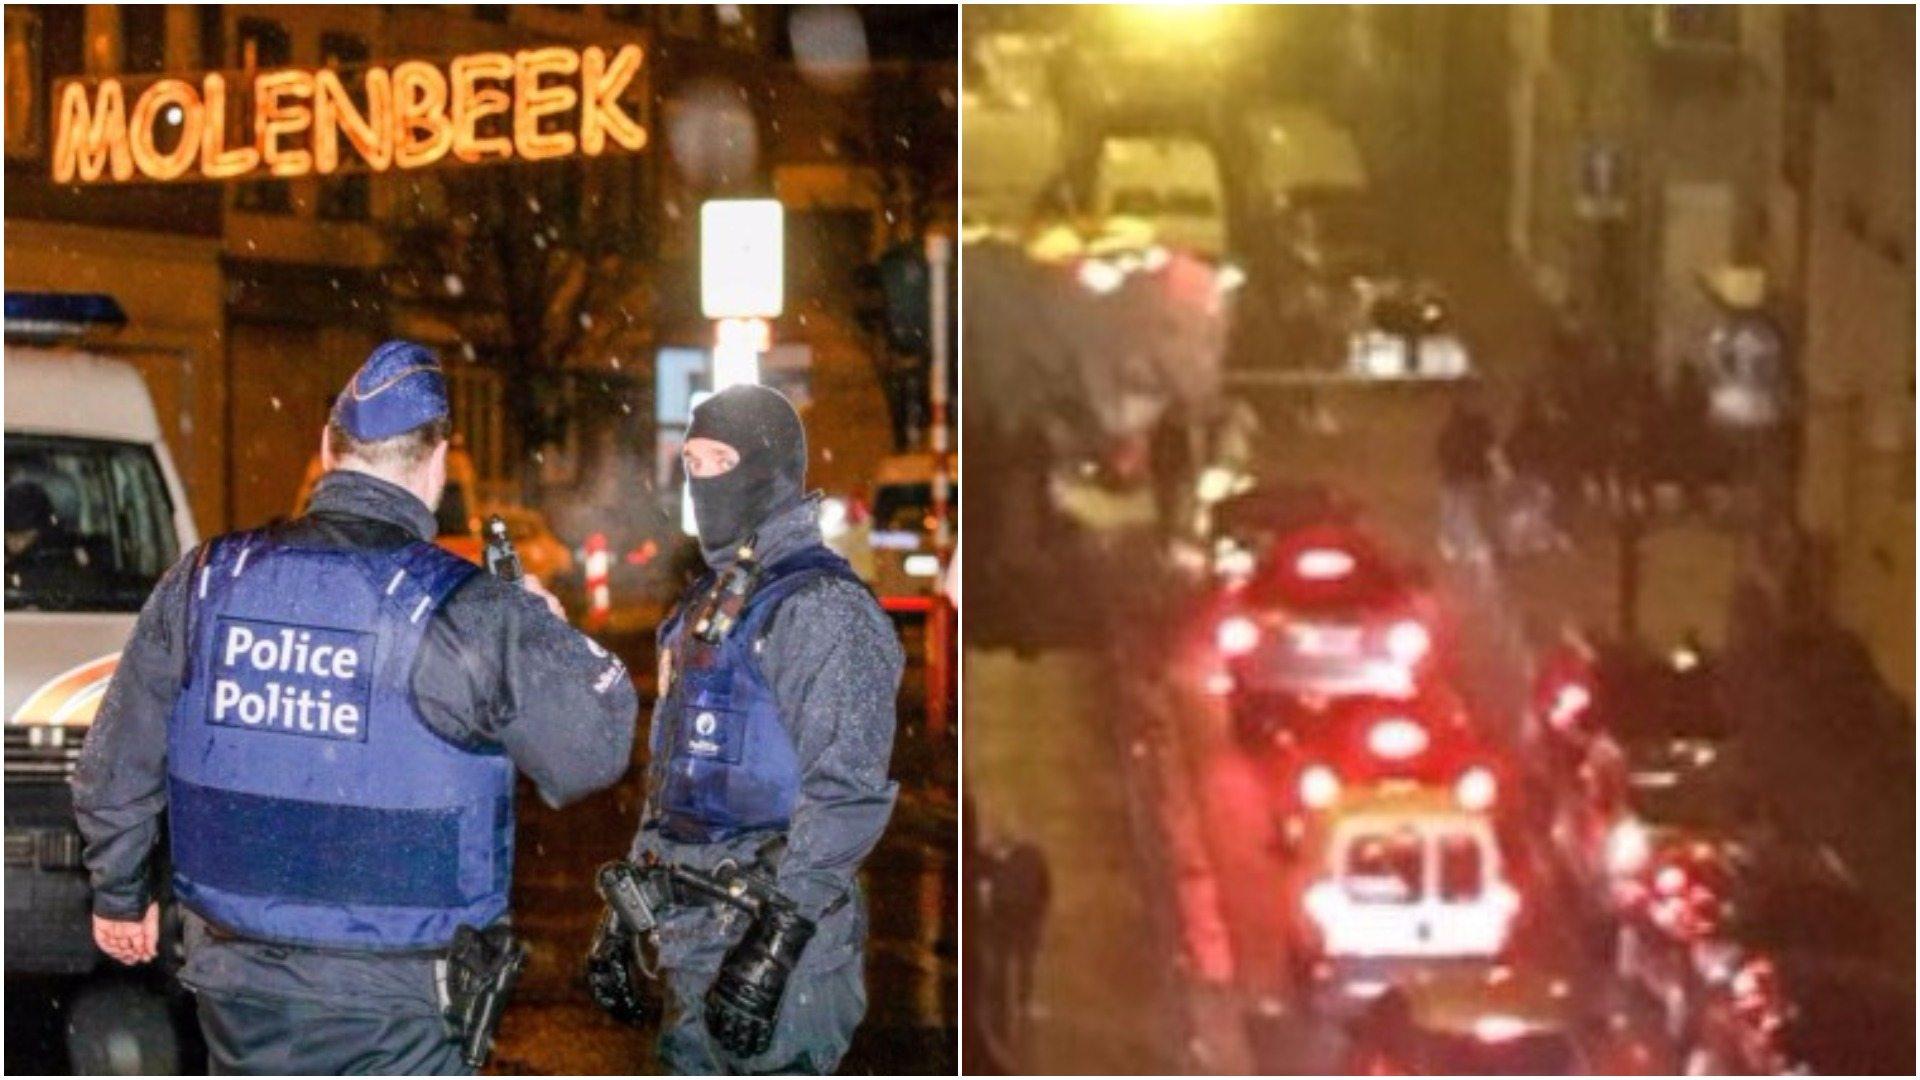 Nowe informacje na temat chaosu w Belgii. Już wiemy co się tam działo (VIDEO + ZDJĘCIA)